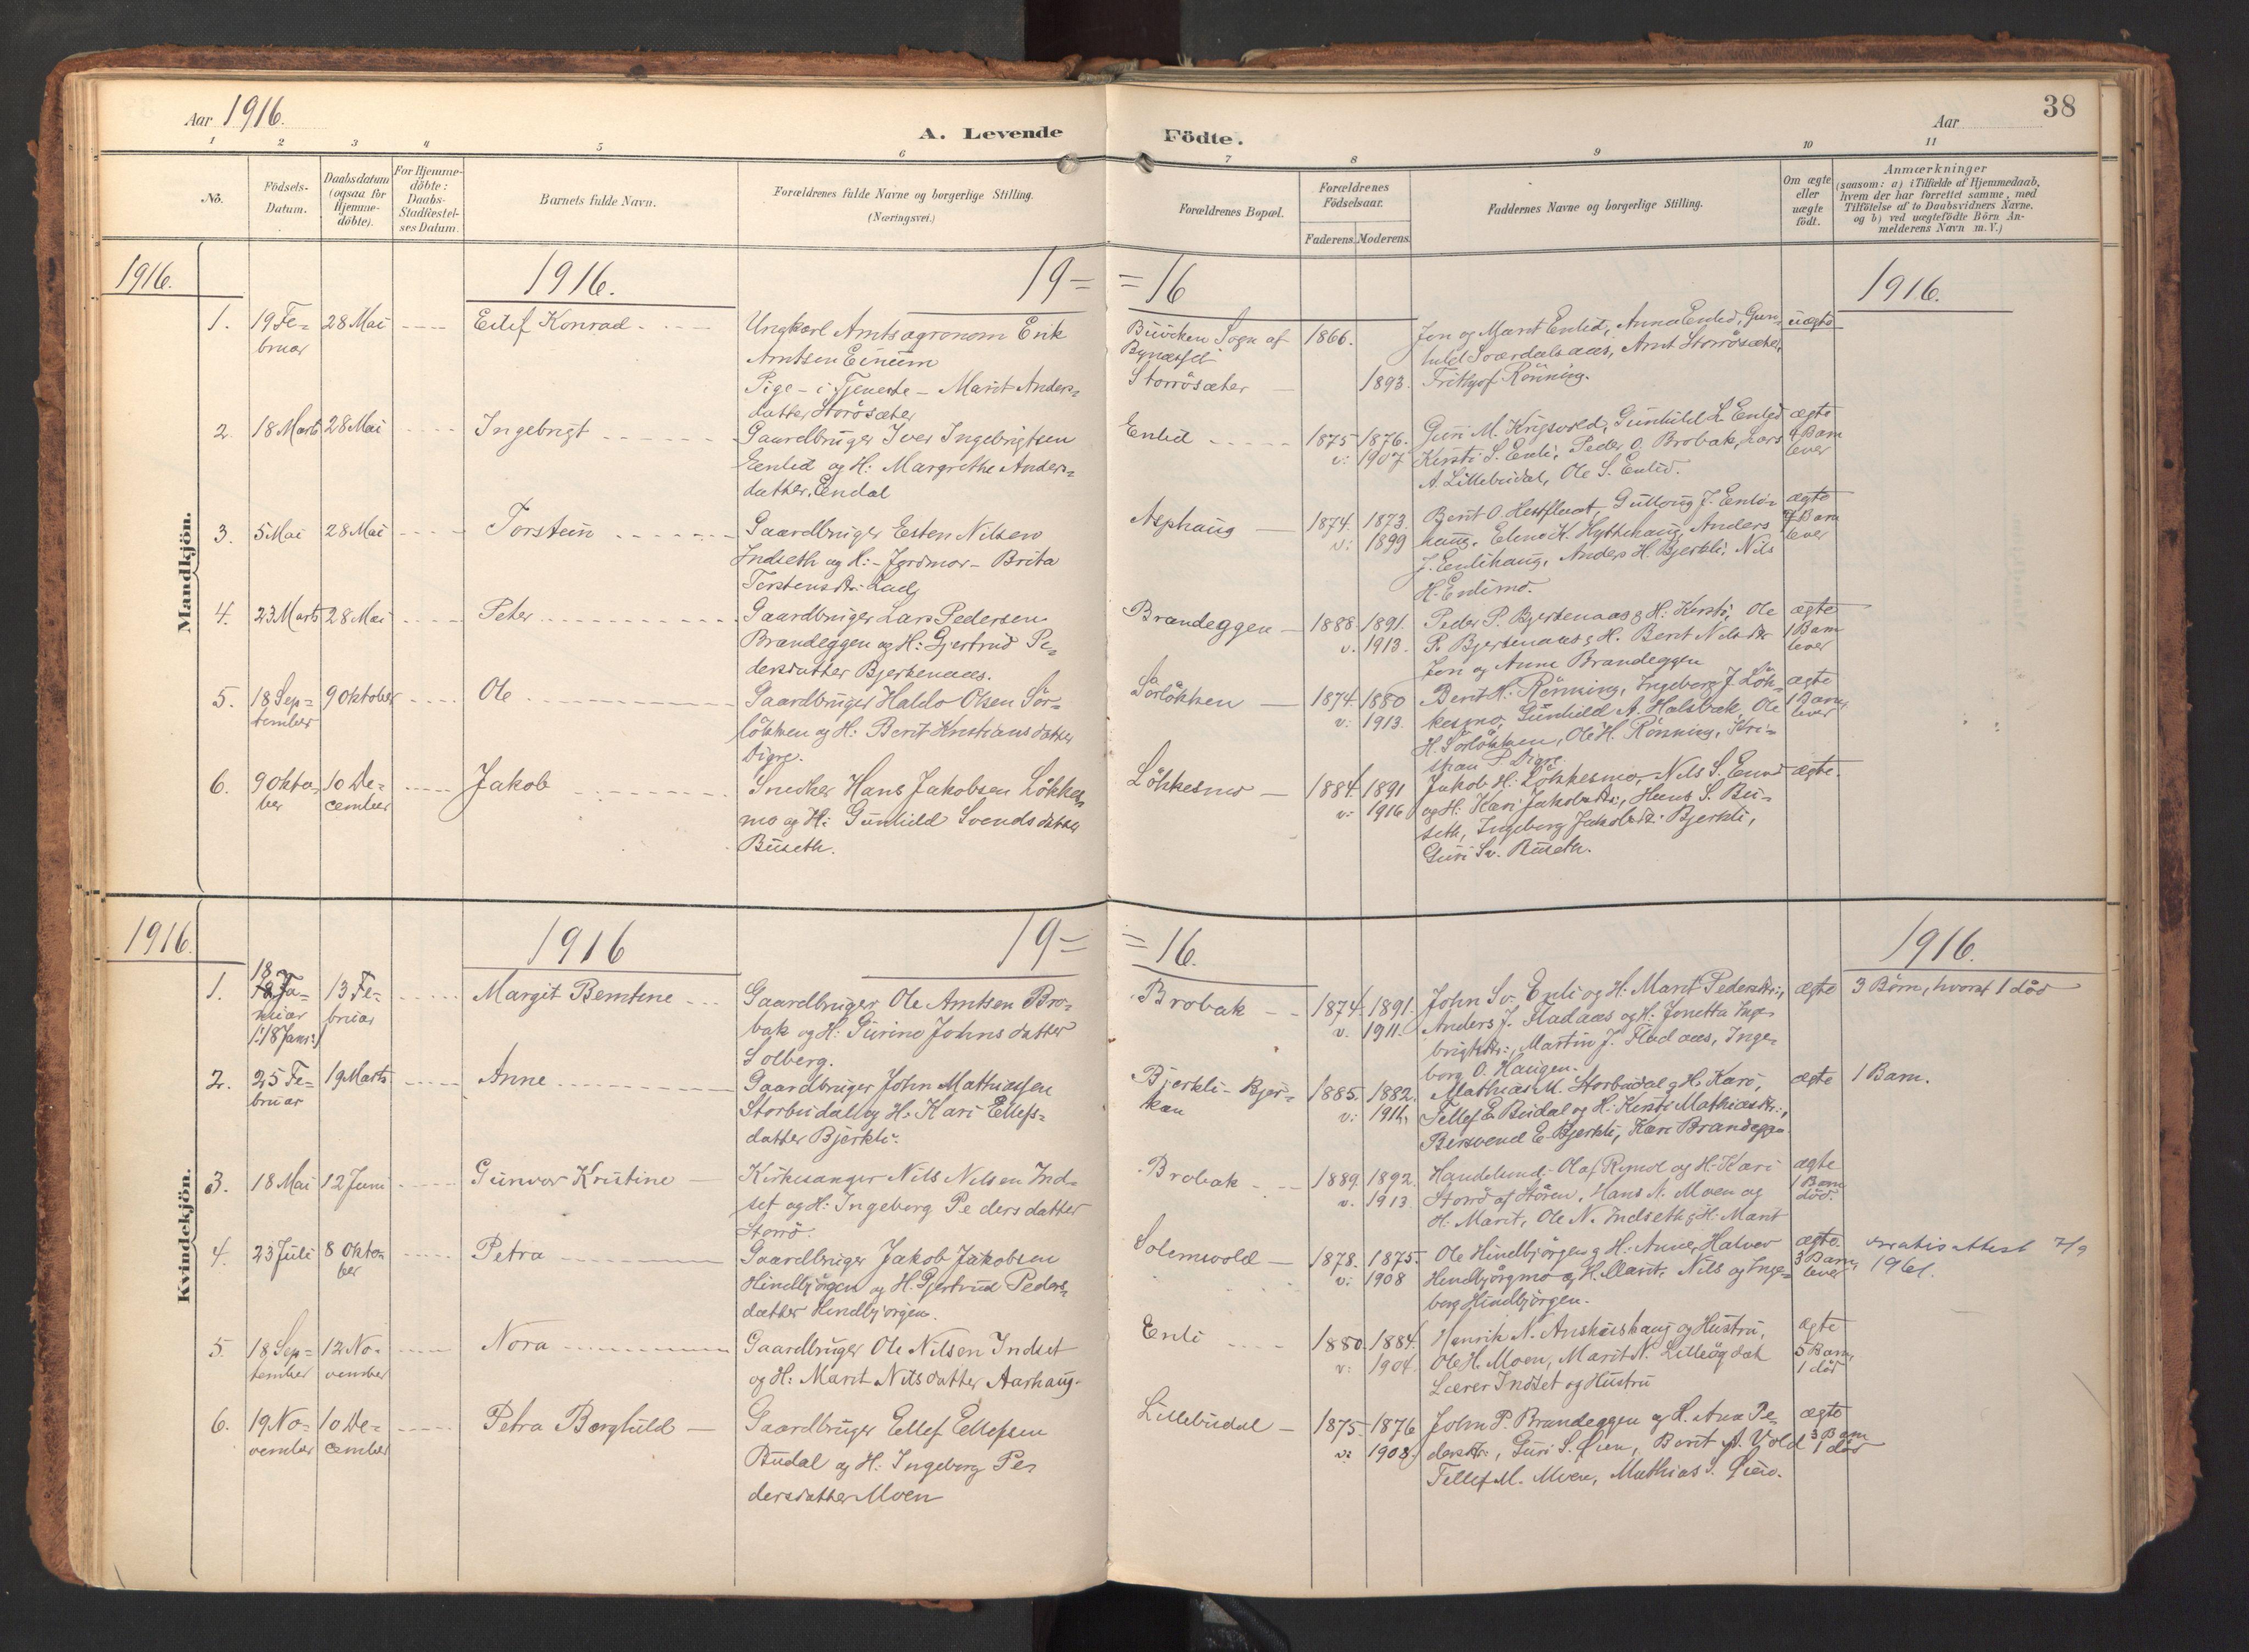 SAT, Ministerialprotokoller, klokkerbøker og fødselsregistre - Sør-Trøndelag, 690/L1050: Ministerialbok nr. 690A01, 1889-1929, s. 38